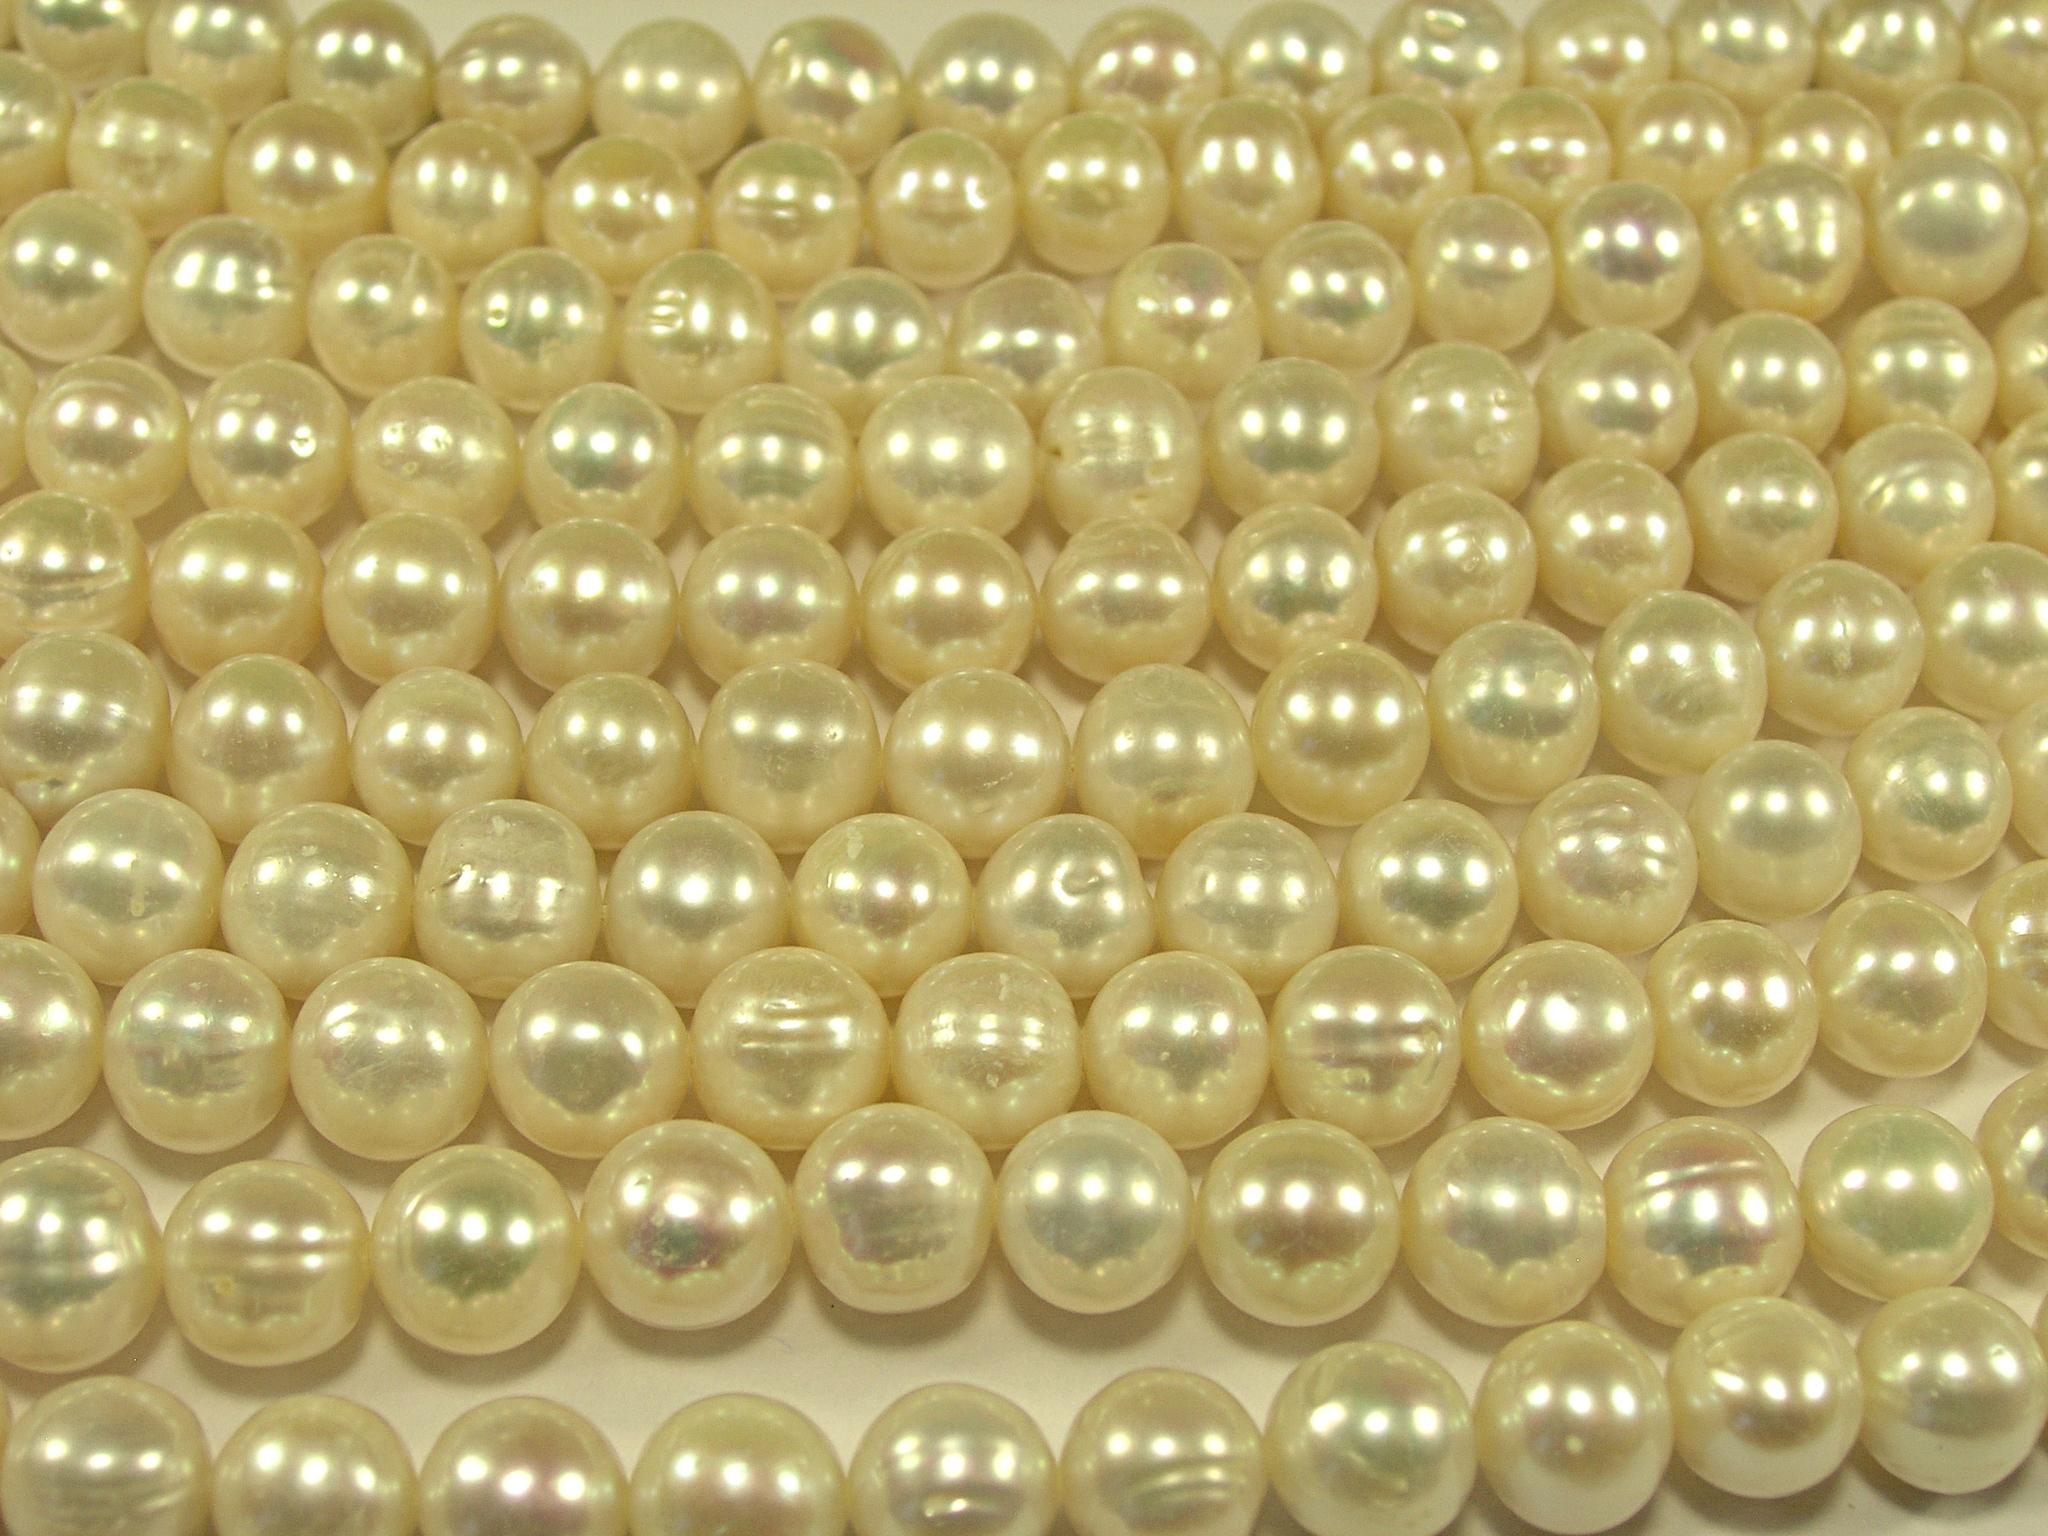 Нити бусин из жемчуга пресноводного культивированного, шар гладкий 9-10 мм (оптом)